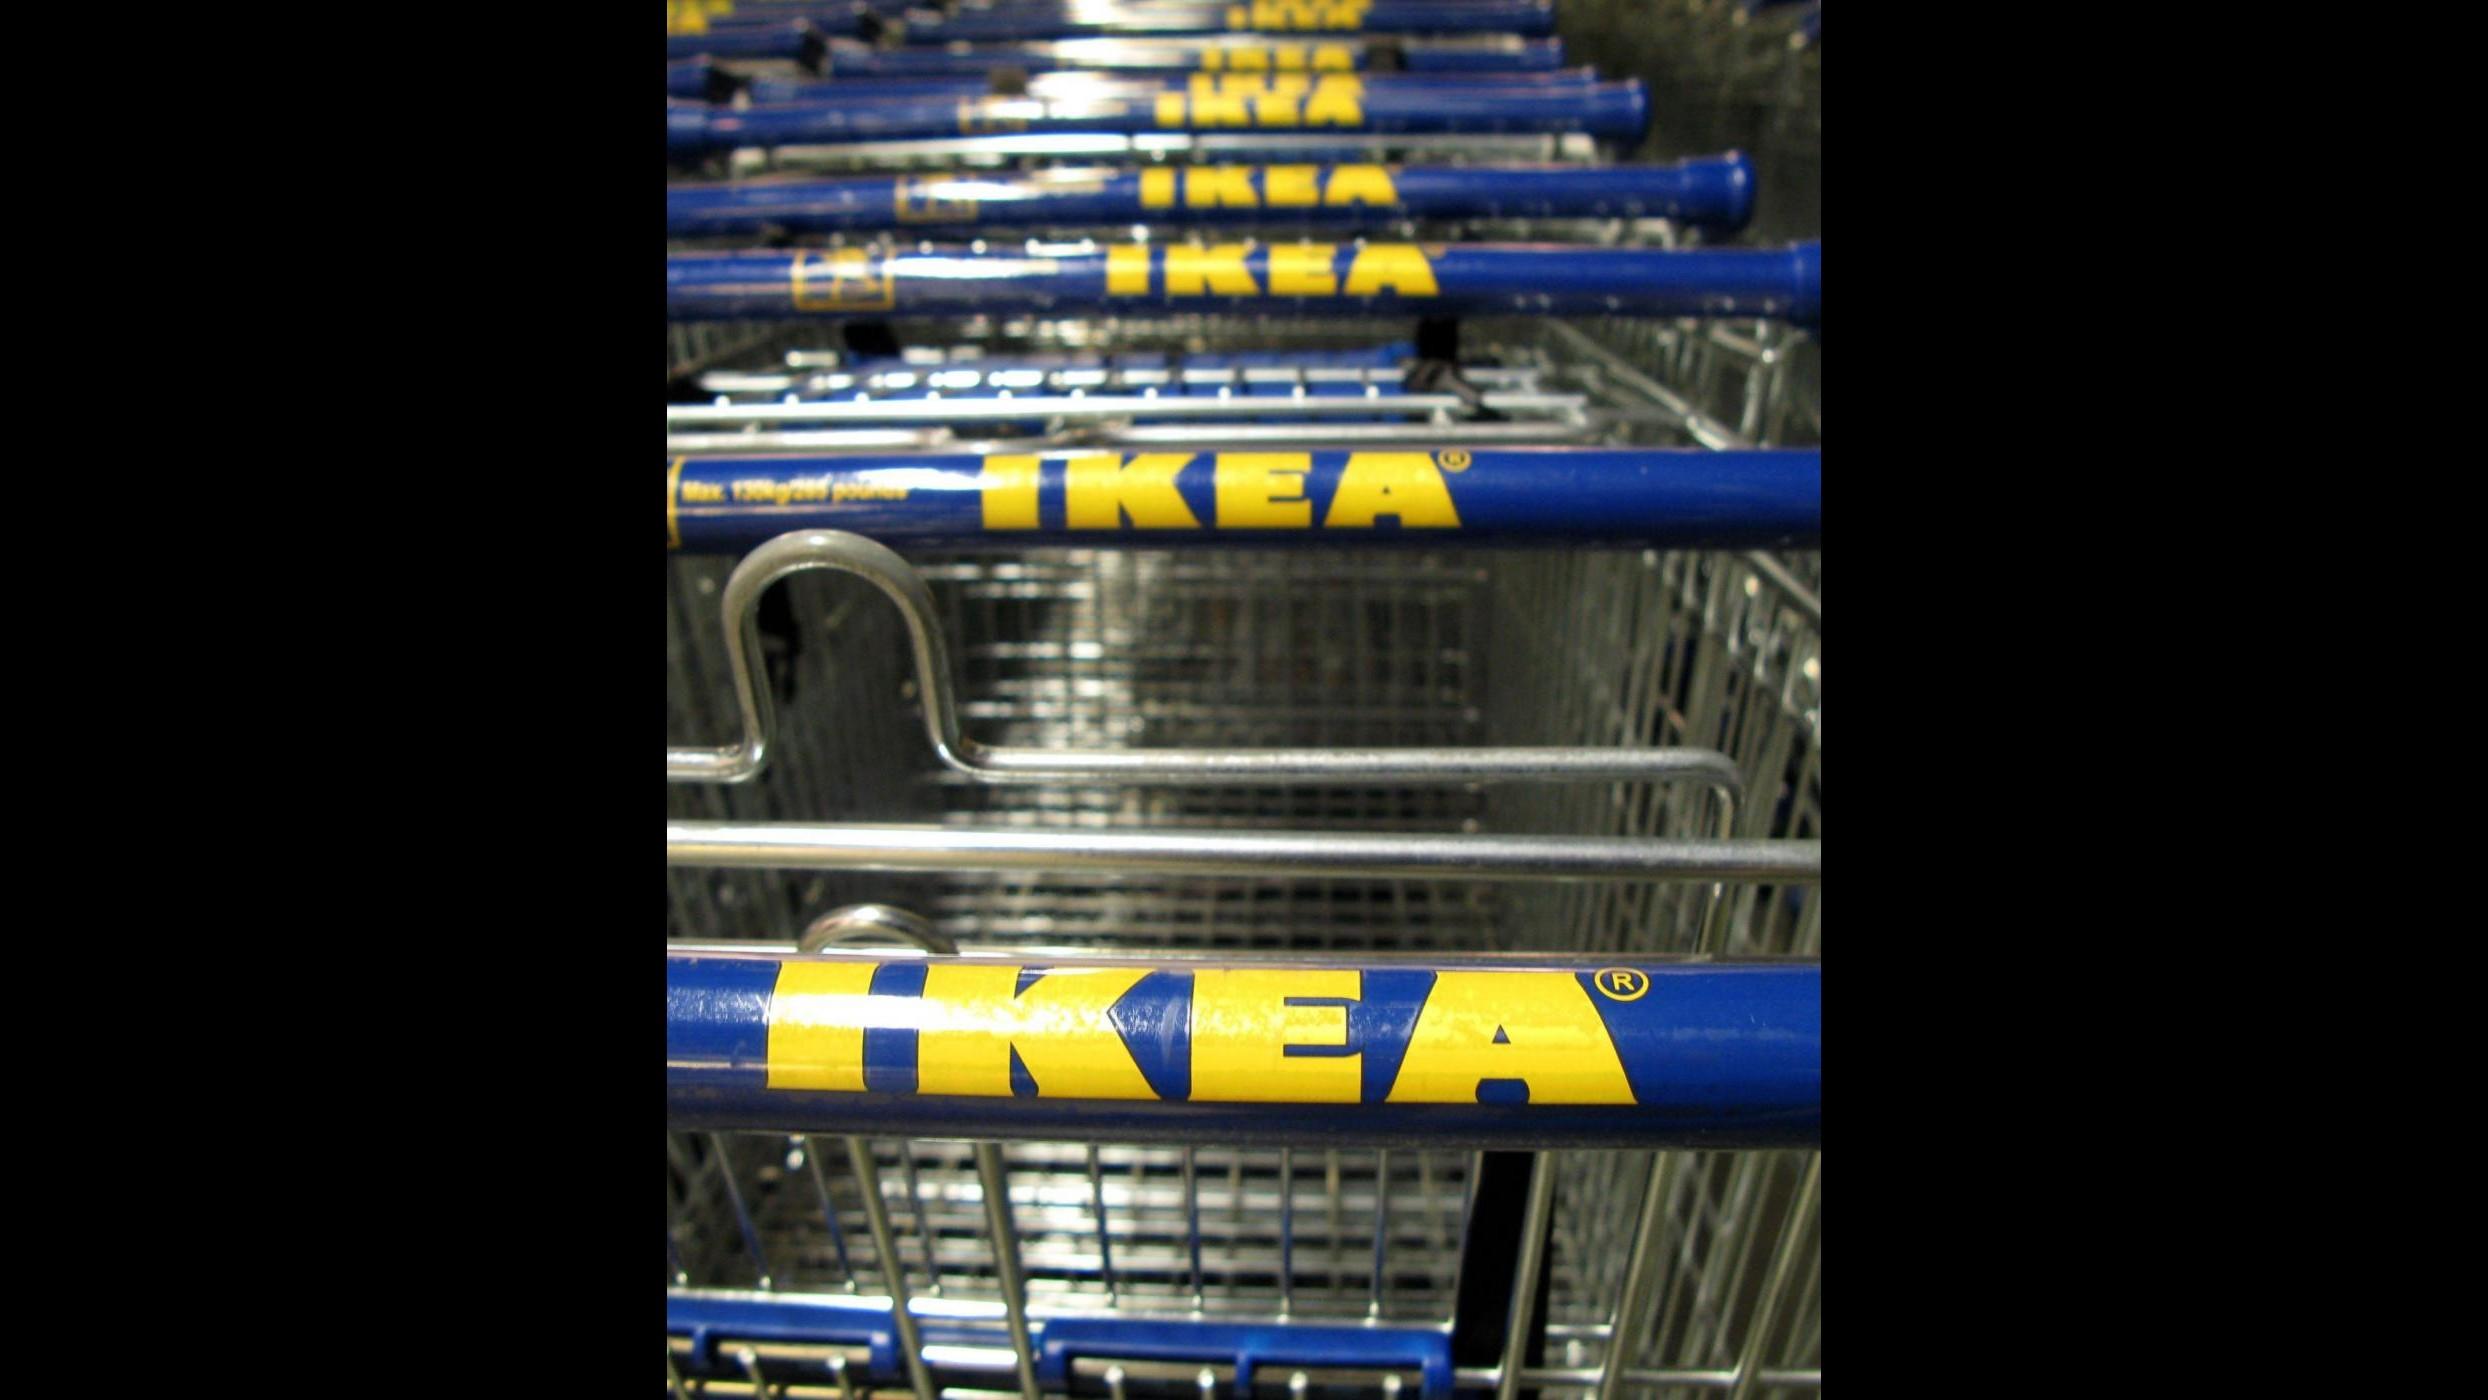 Ikea, sindacati: Ok a contratto aziendale da 73% lavoratori